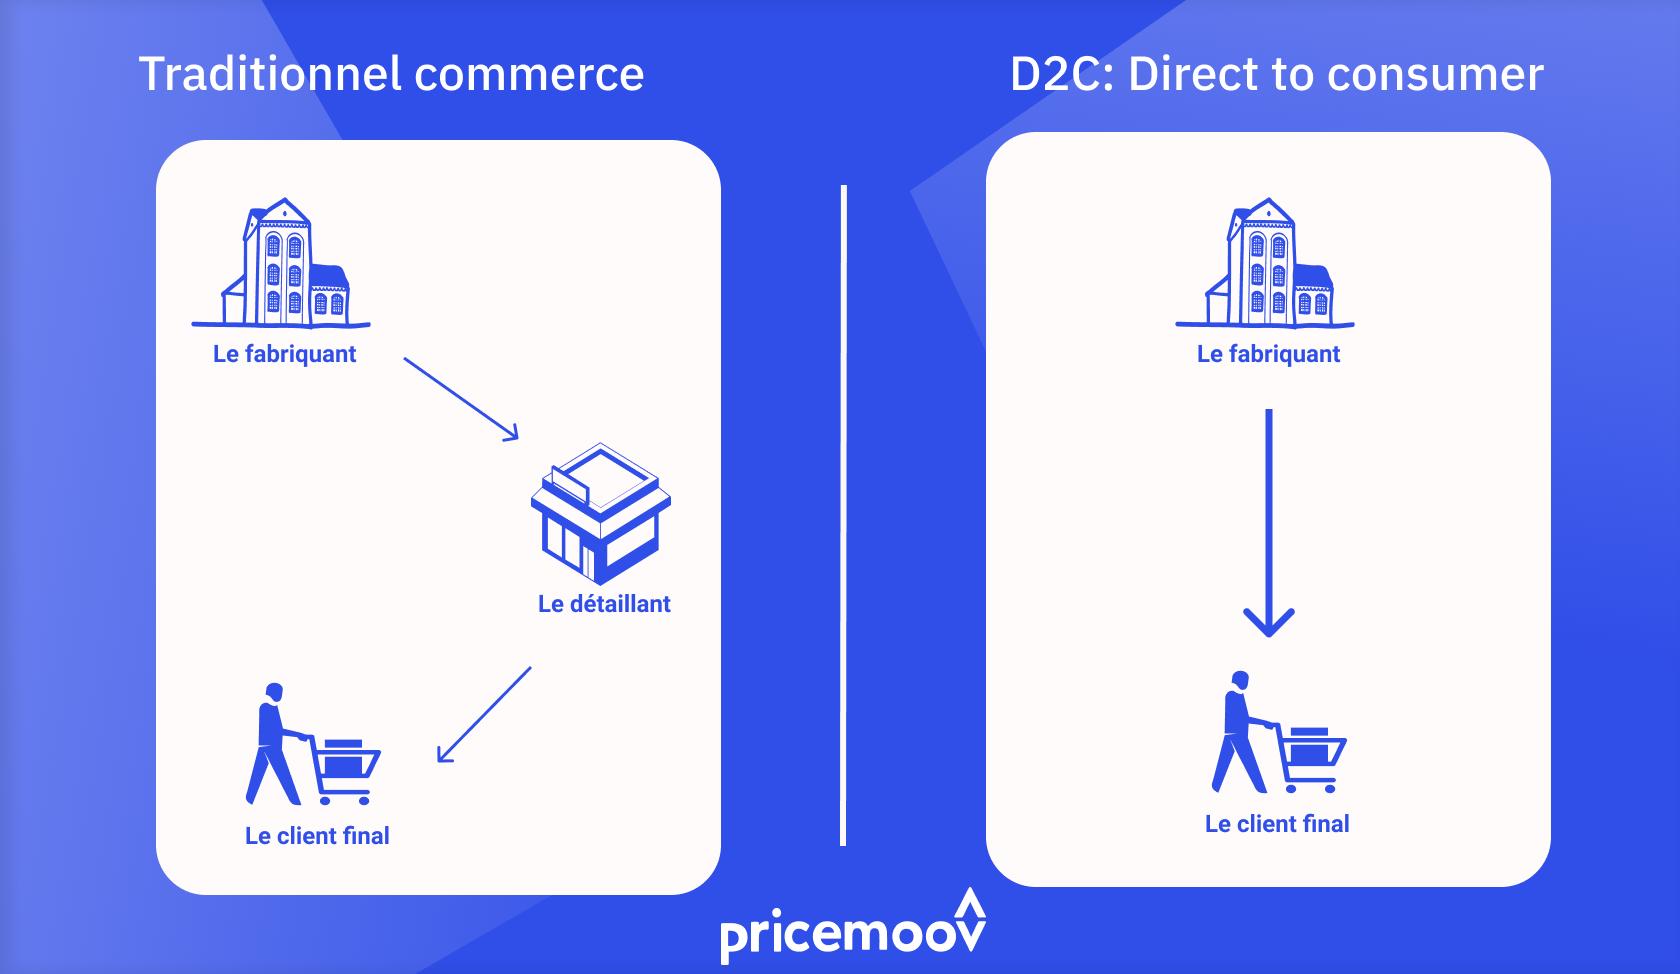 différence entre D2C et vente au détail